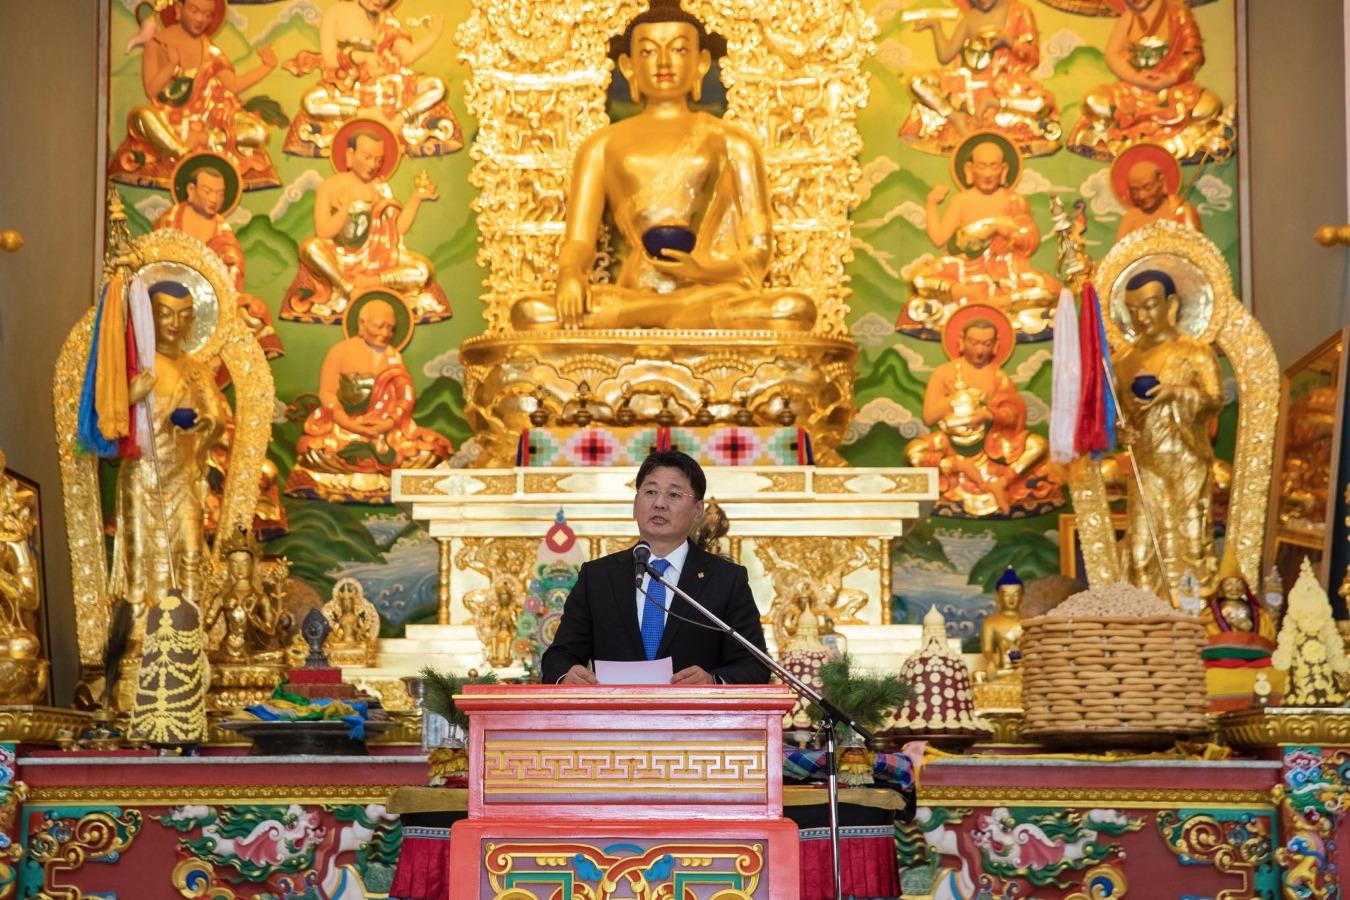 """Монгол Улсын Ерөнхий сайд """"Батцагаан цогчин дуган""""-ыг нээх ёслолд оролцож, үг хэлэв"""